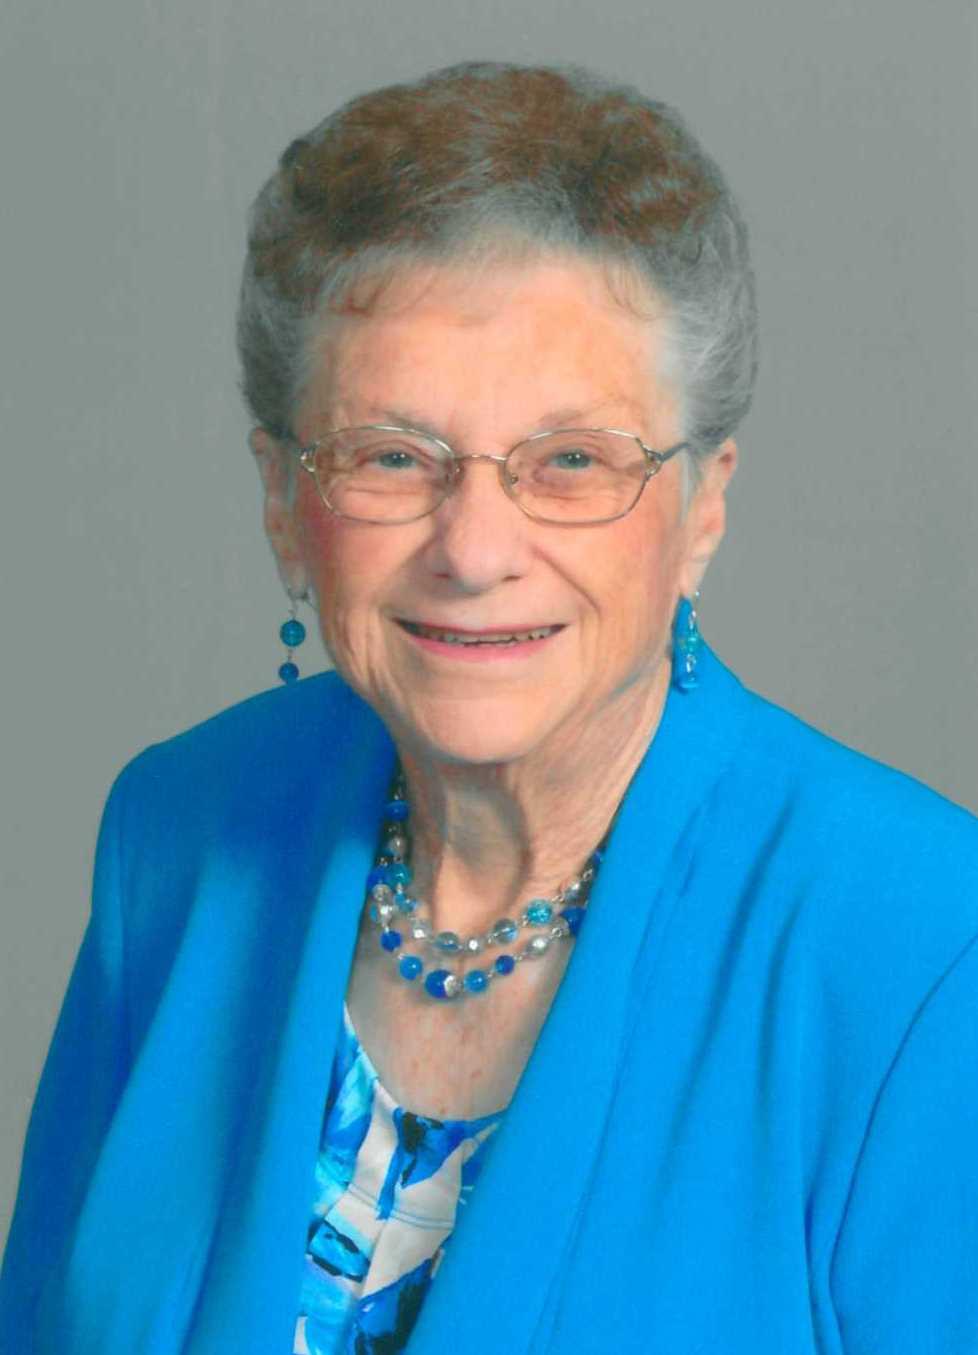 Marijo R. Krogman, age 86